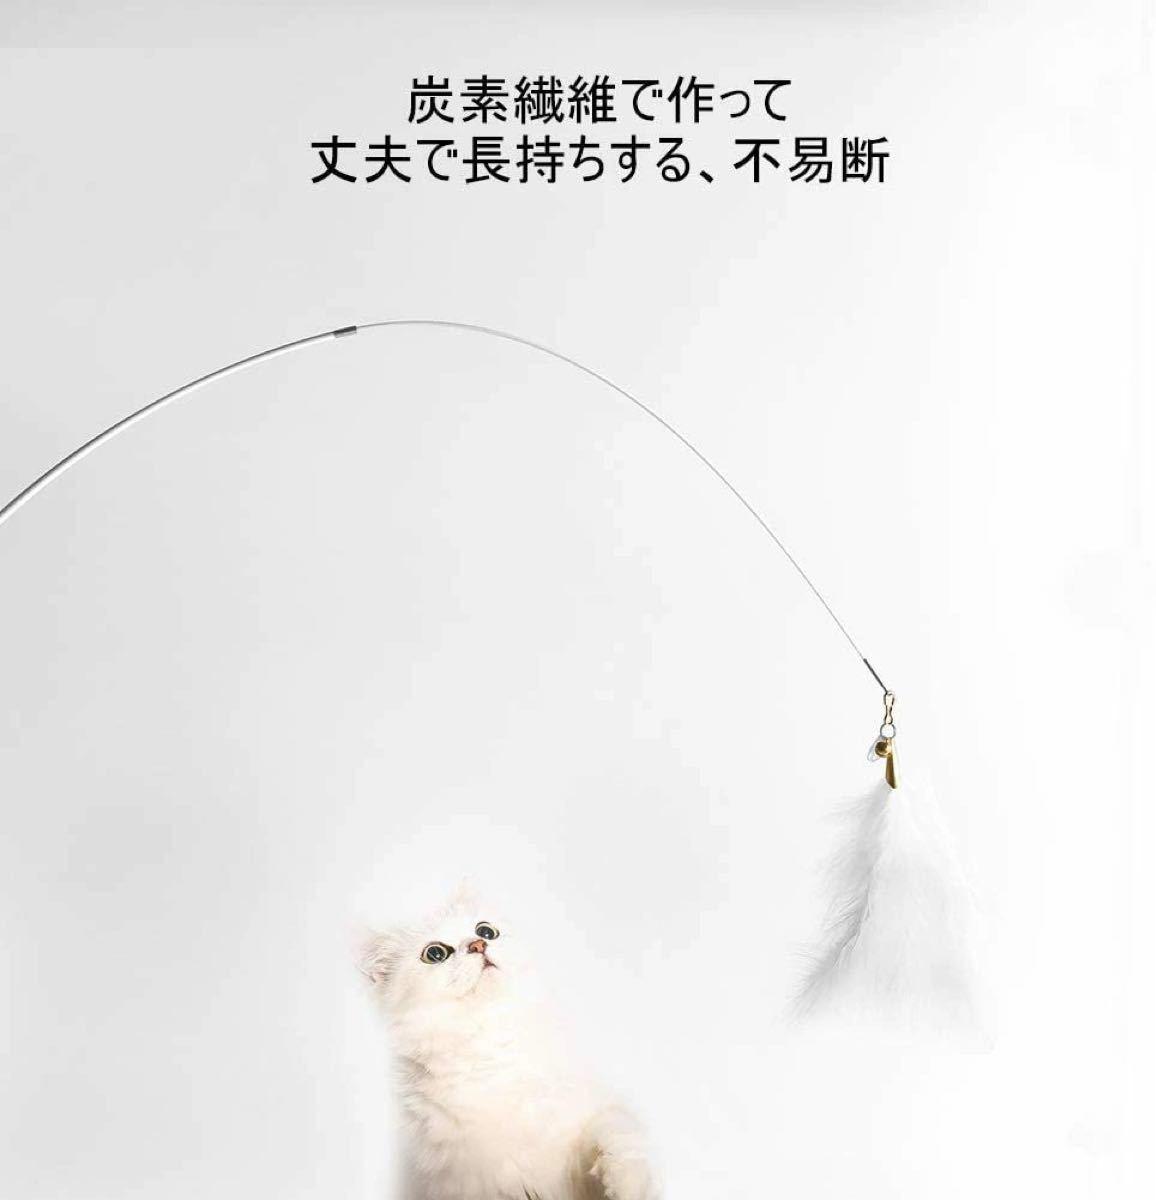 猫おもちゃ人気釣り竿 猫じゃらし羽のおもちゃ ねこじゃらし伸縮可能 天然鳥の羽棒鈴付き 人気 一人遊び 運動不足解消